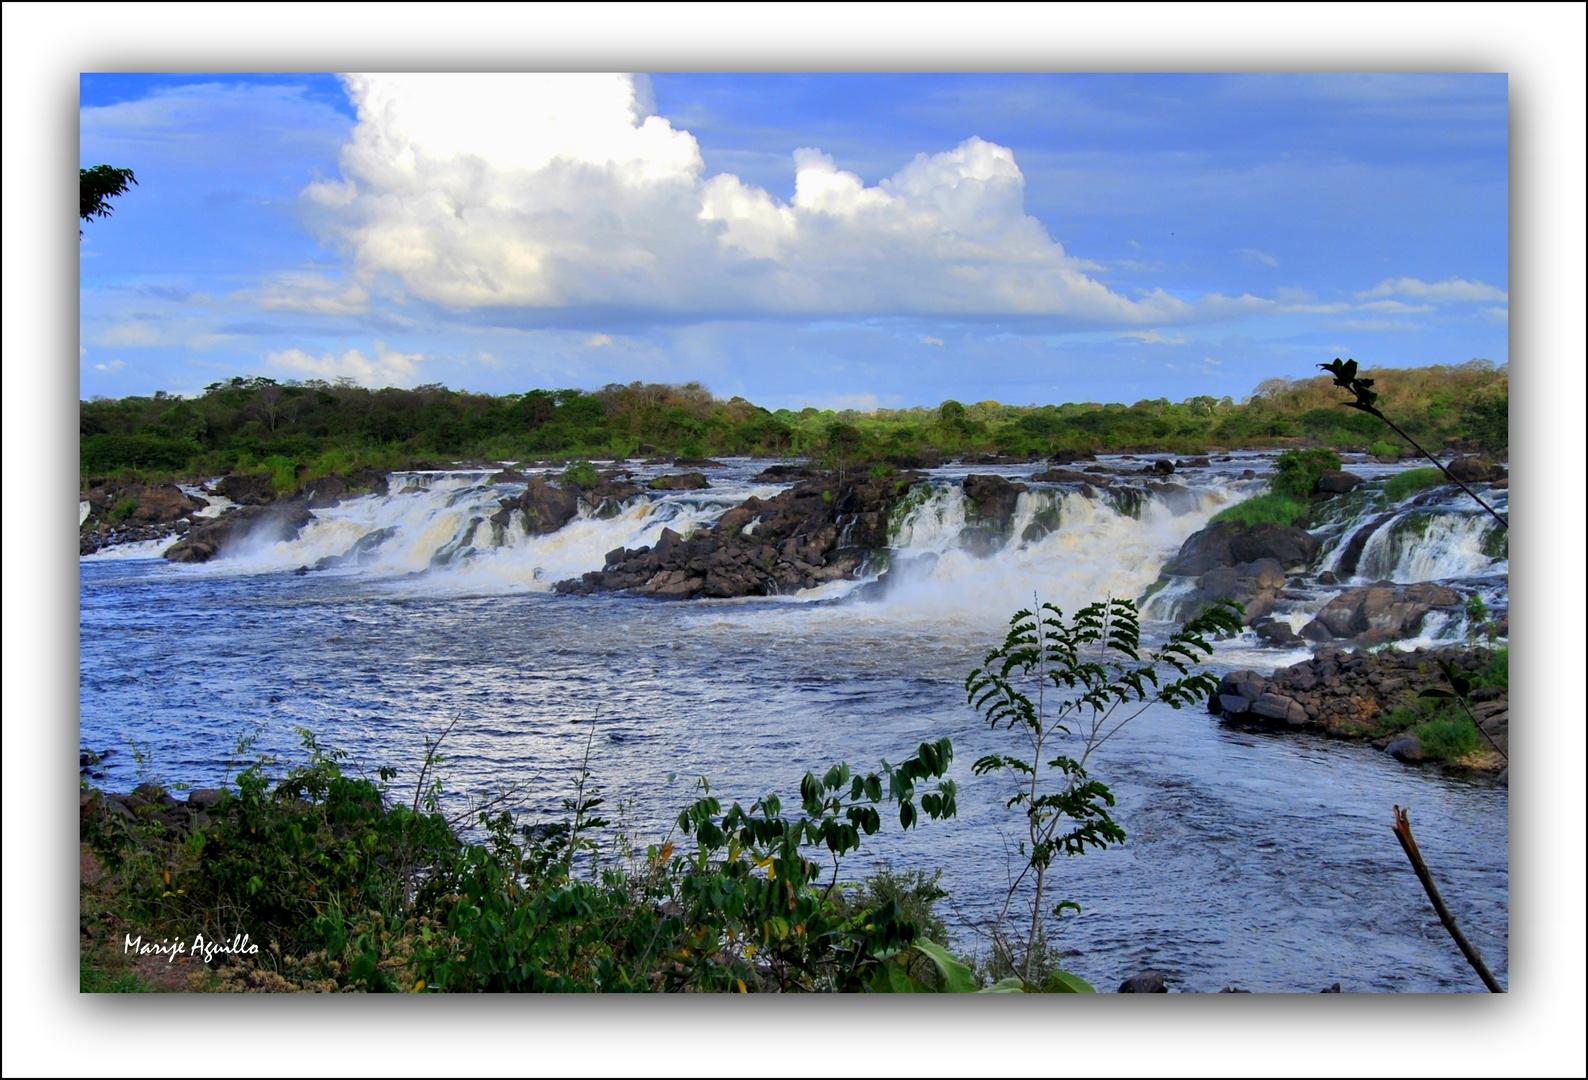 Parque La Llovizna - Ciudad Guayana - Puerto Ordaz (Venezuela)